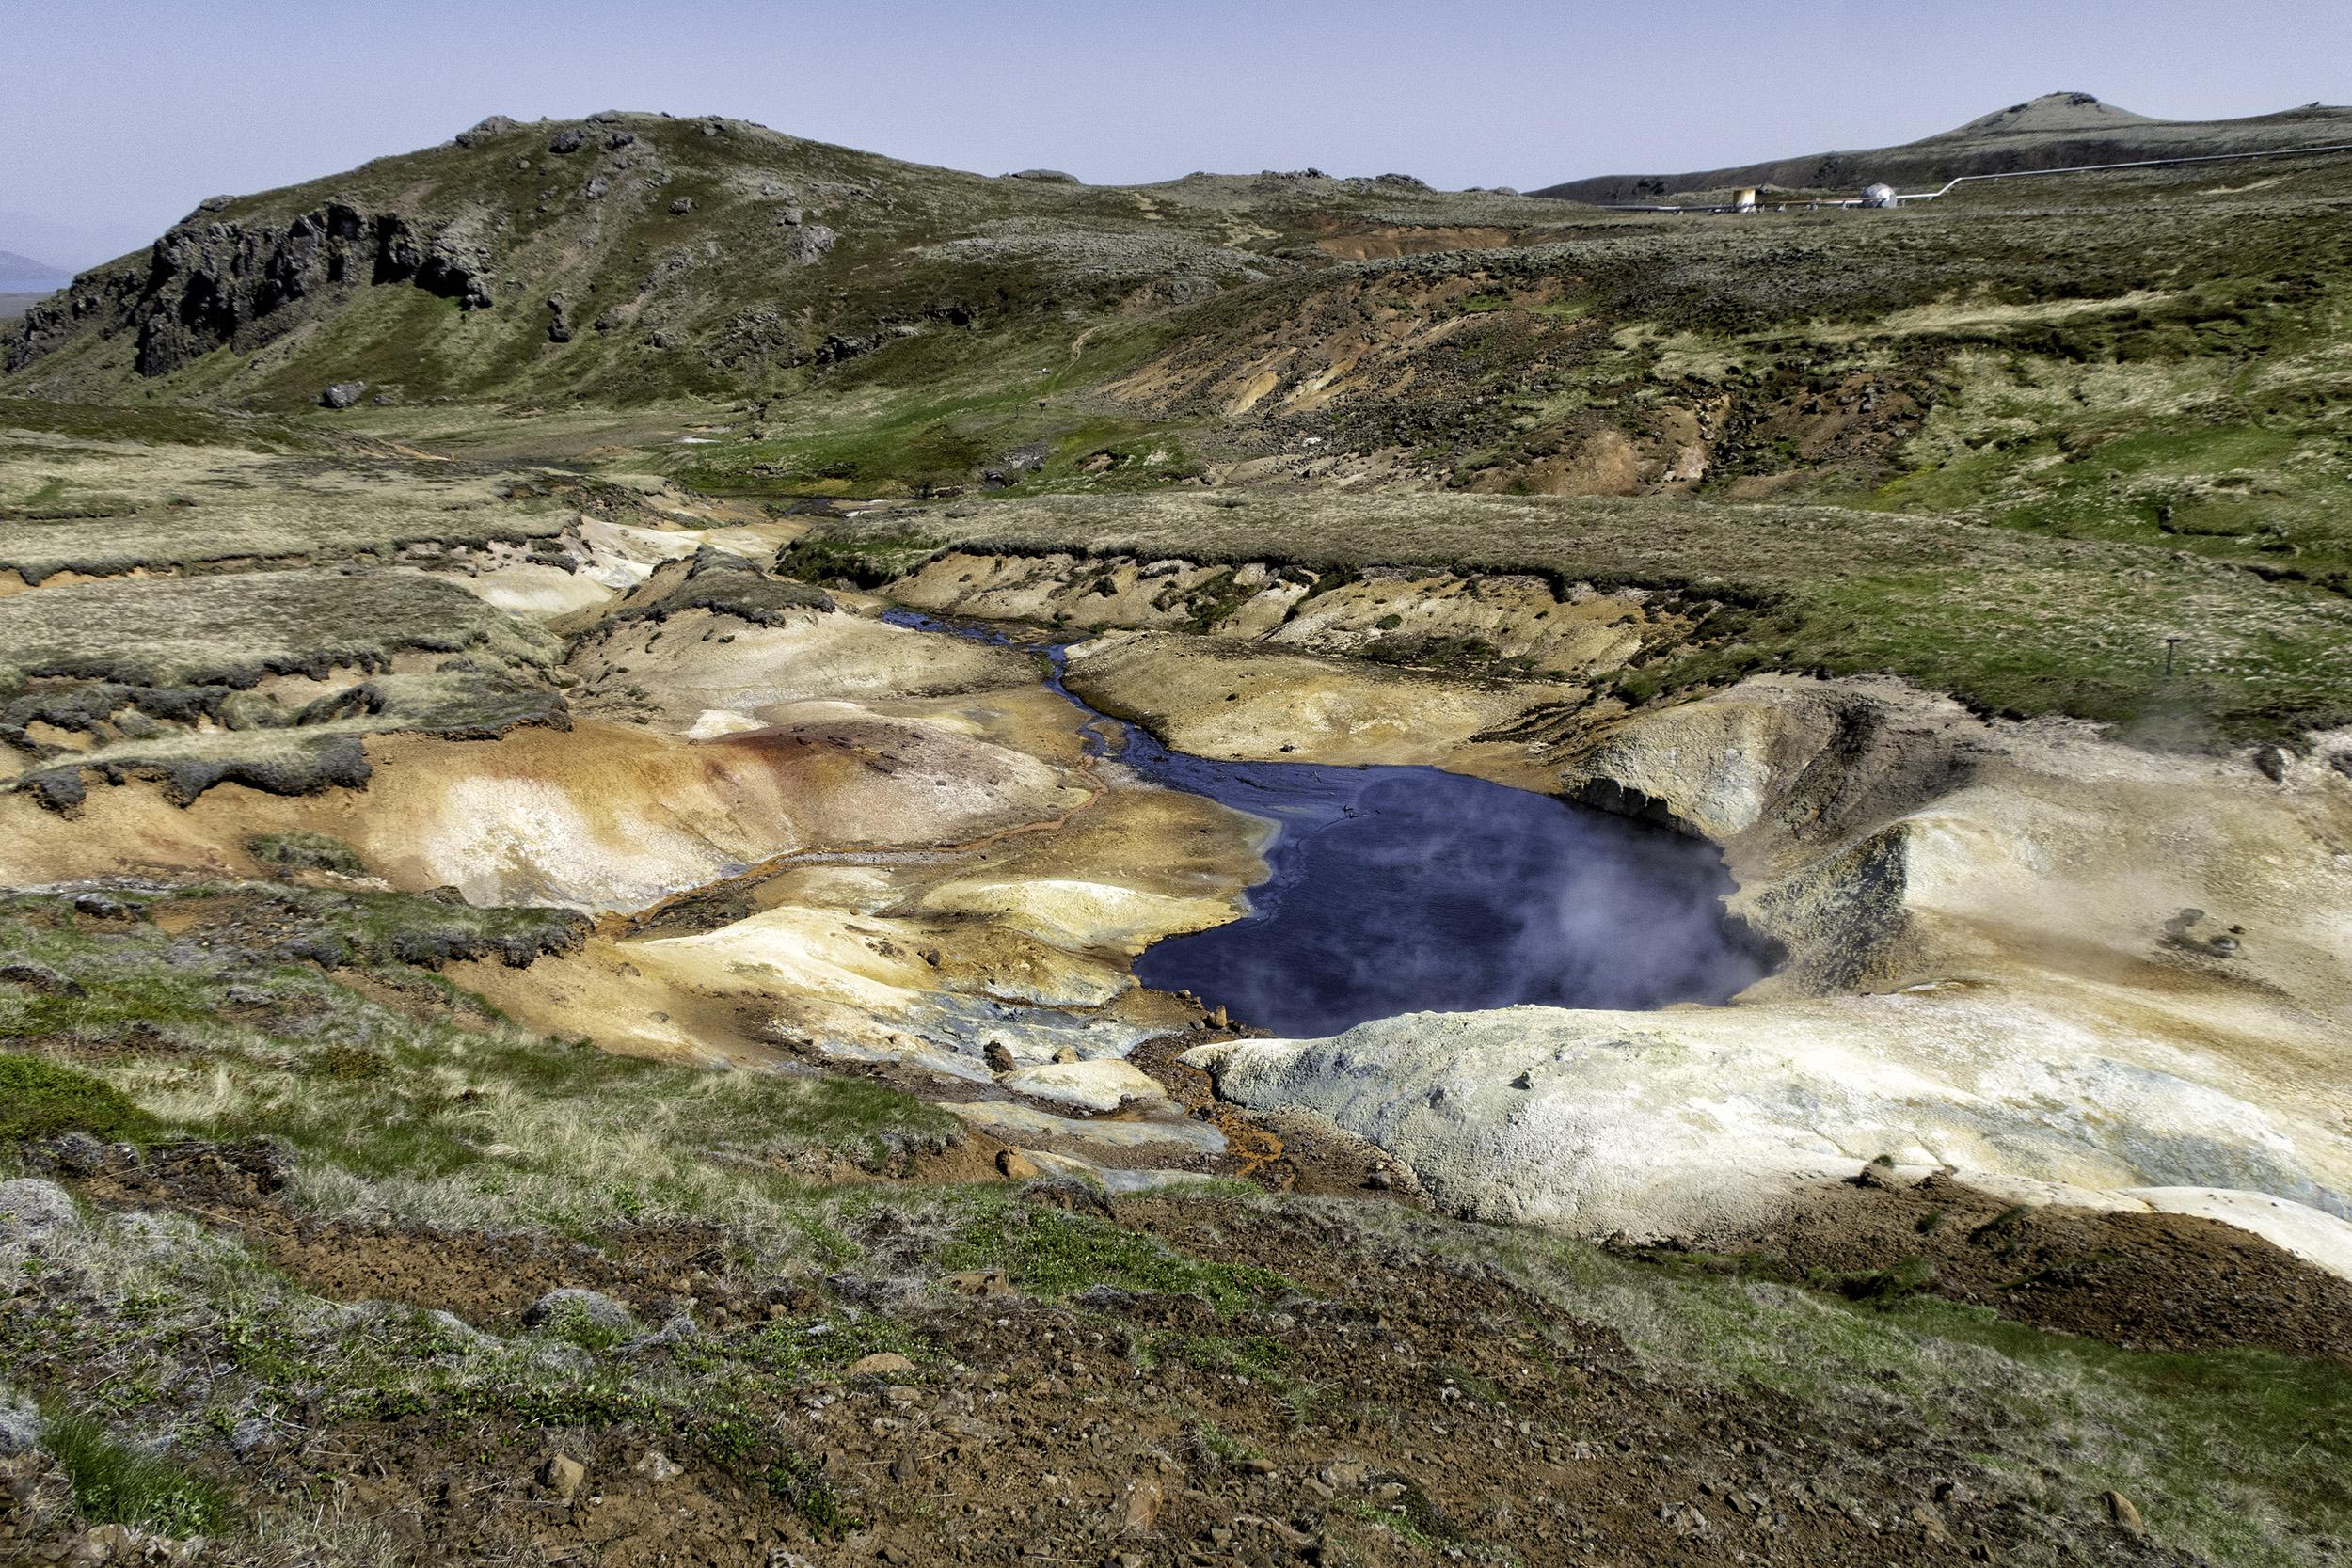 Nesjavellir Geothermal Field